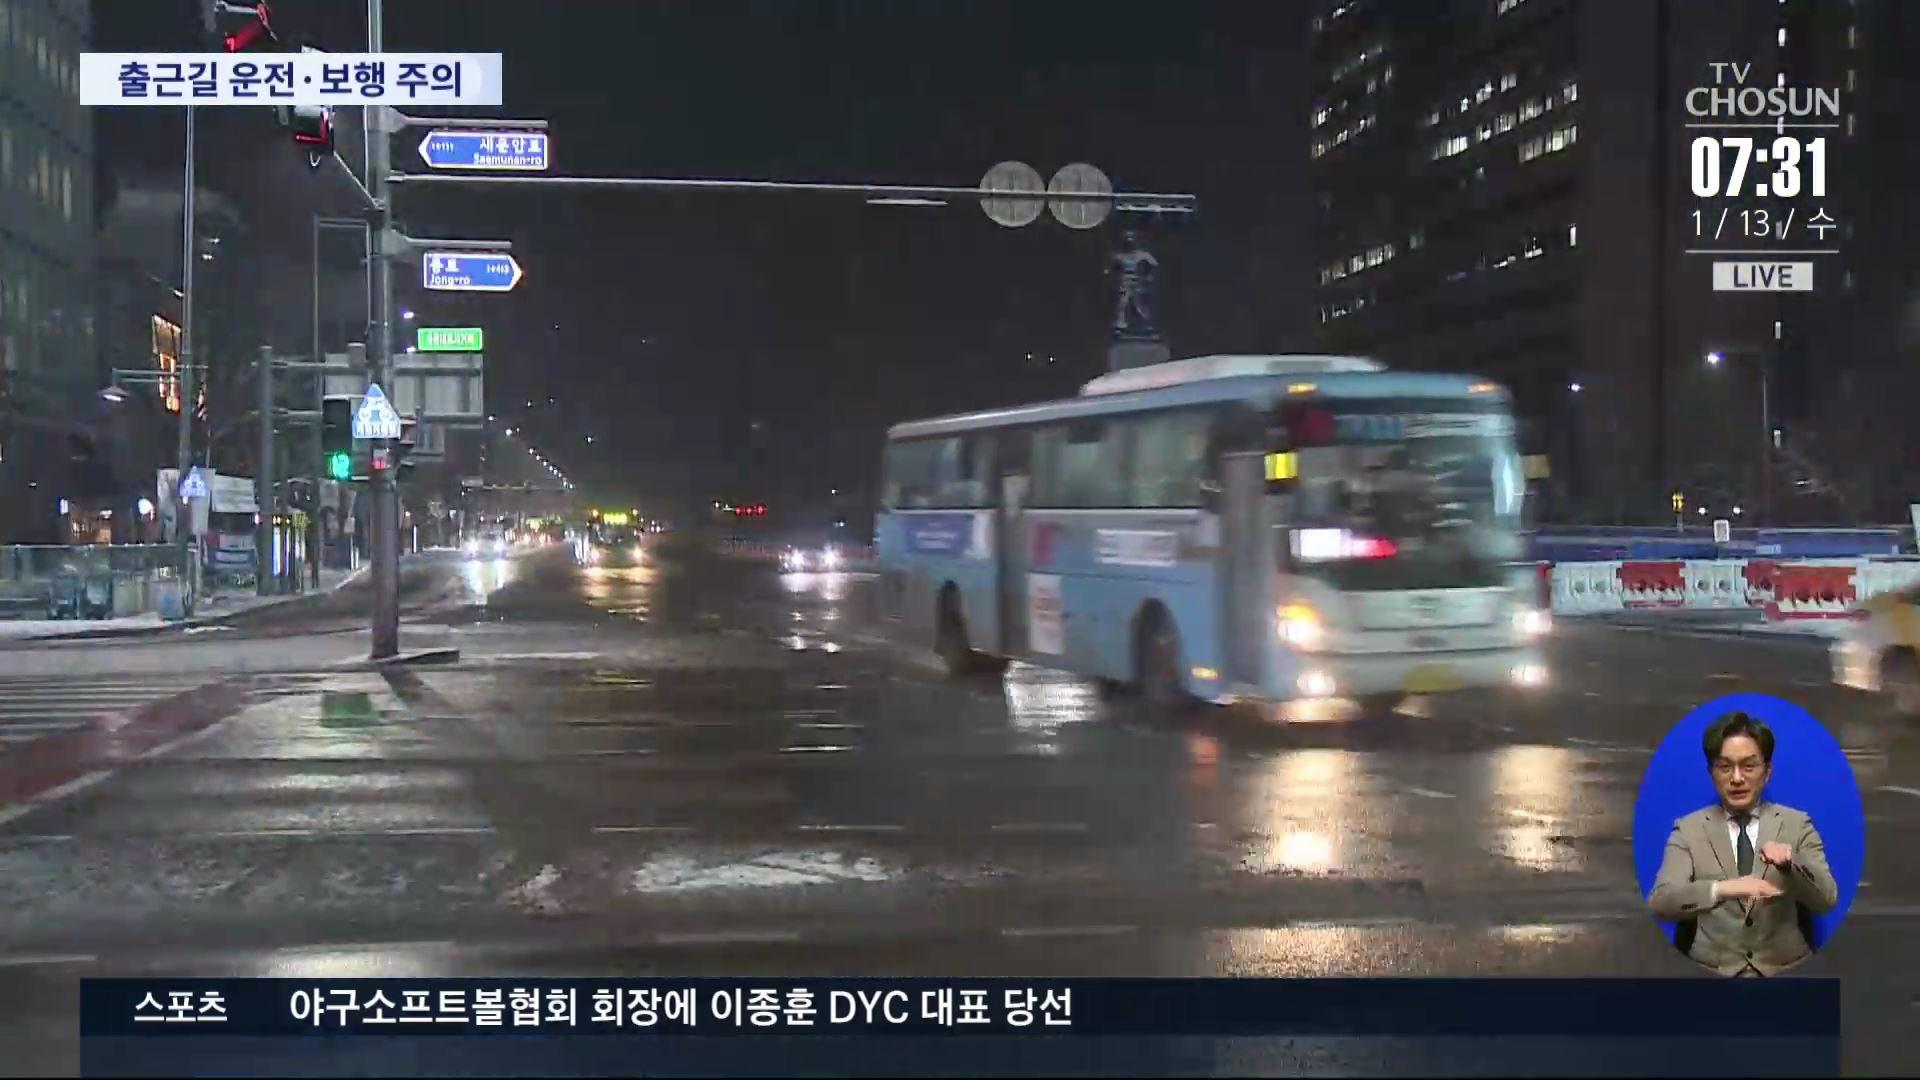 밤사이 얼어붙은 출근길…'차간 거리 유지하고 감속 운행'